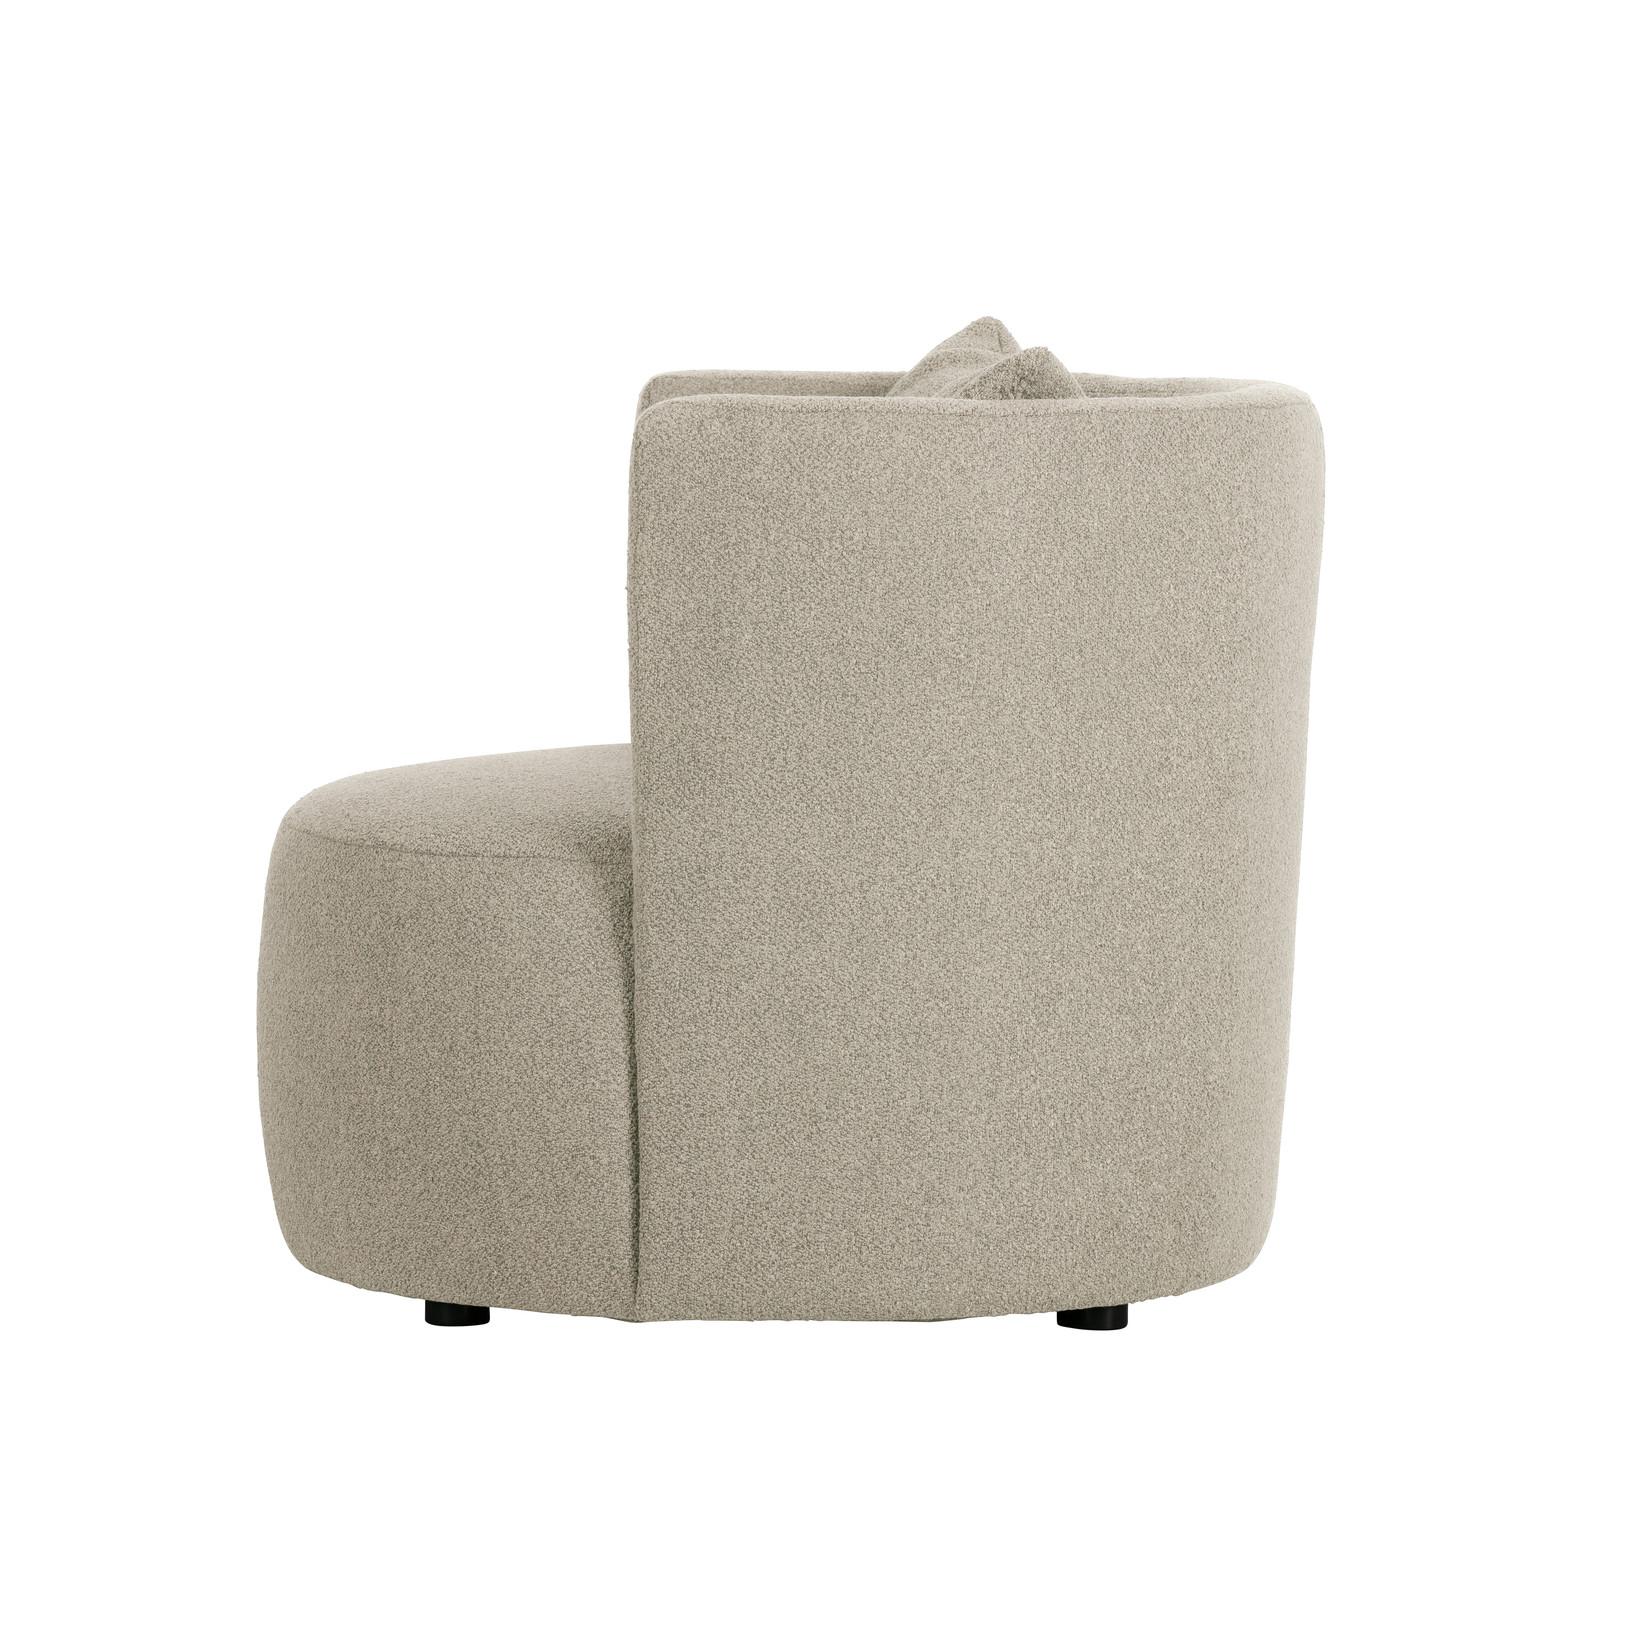 vtwonen Explore fauteuil bouclÉ naturel